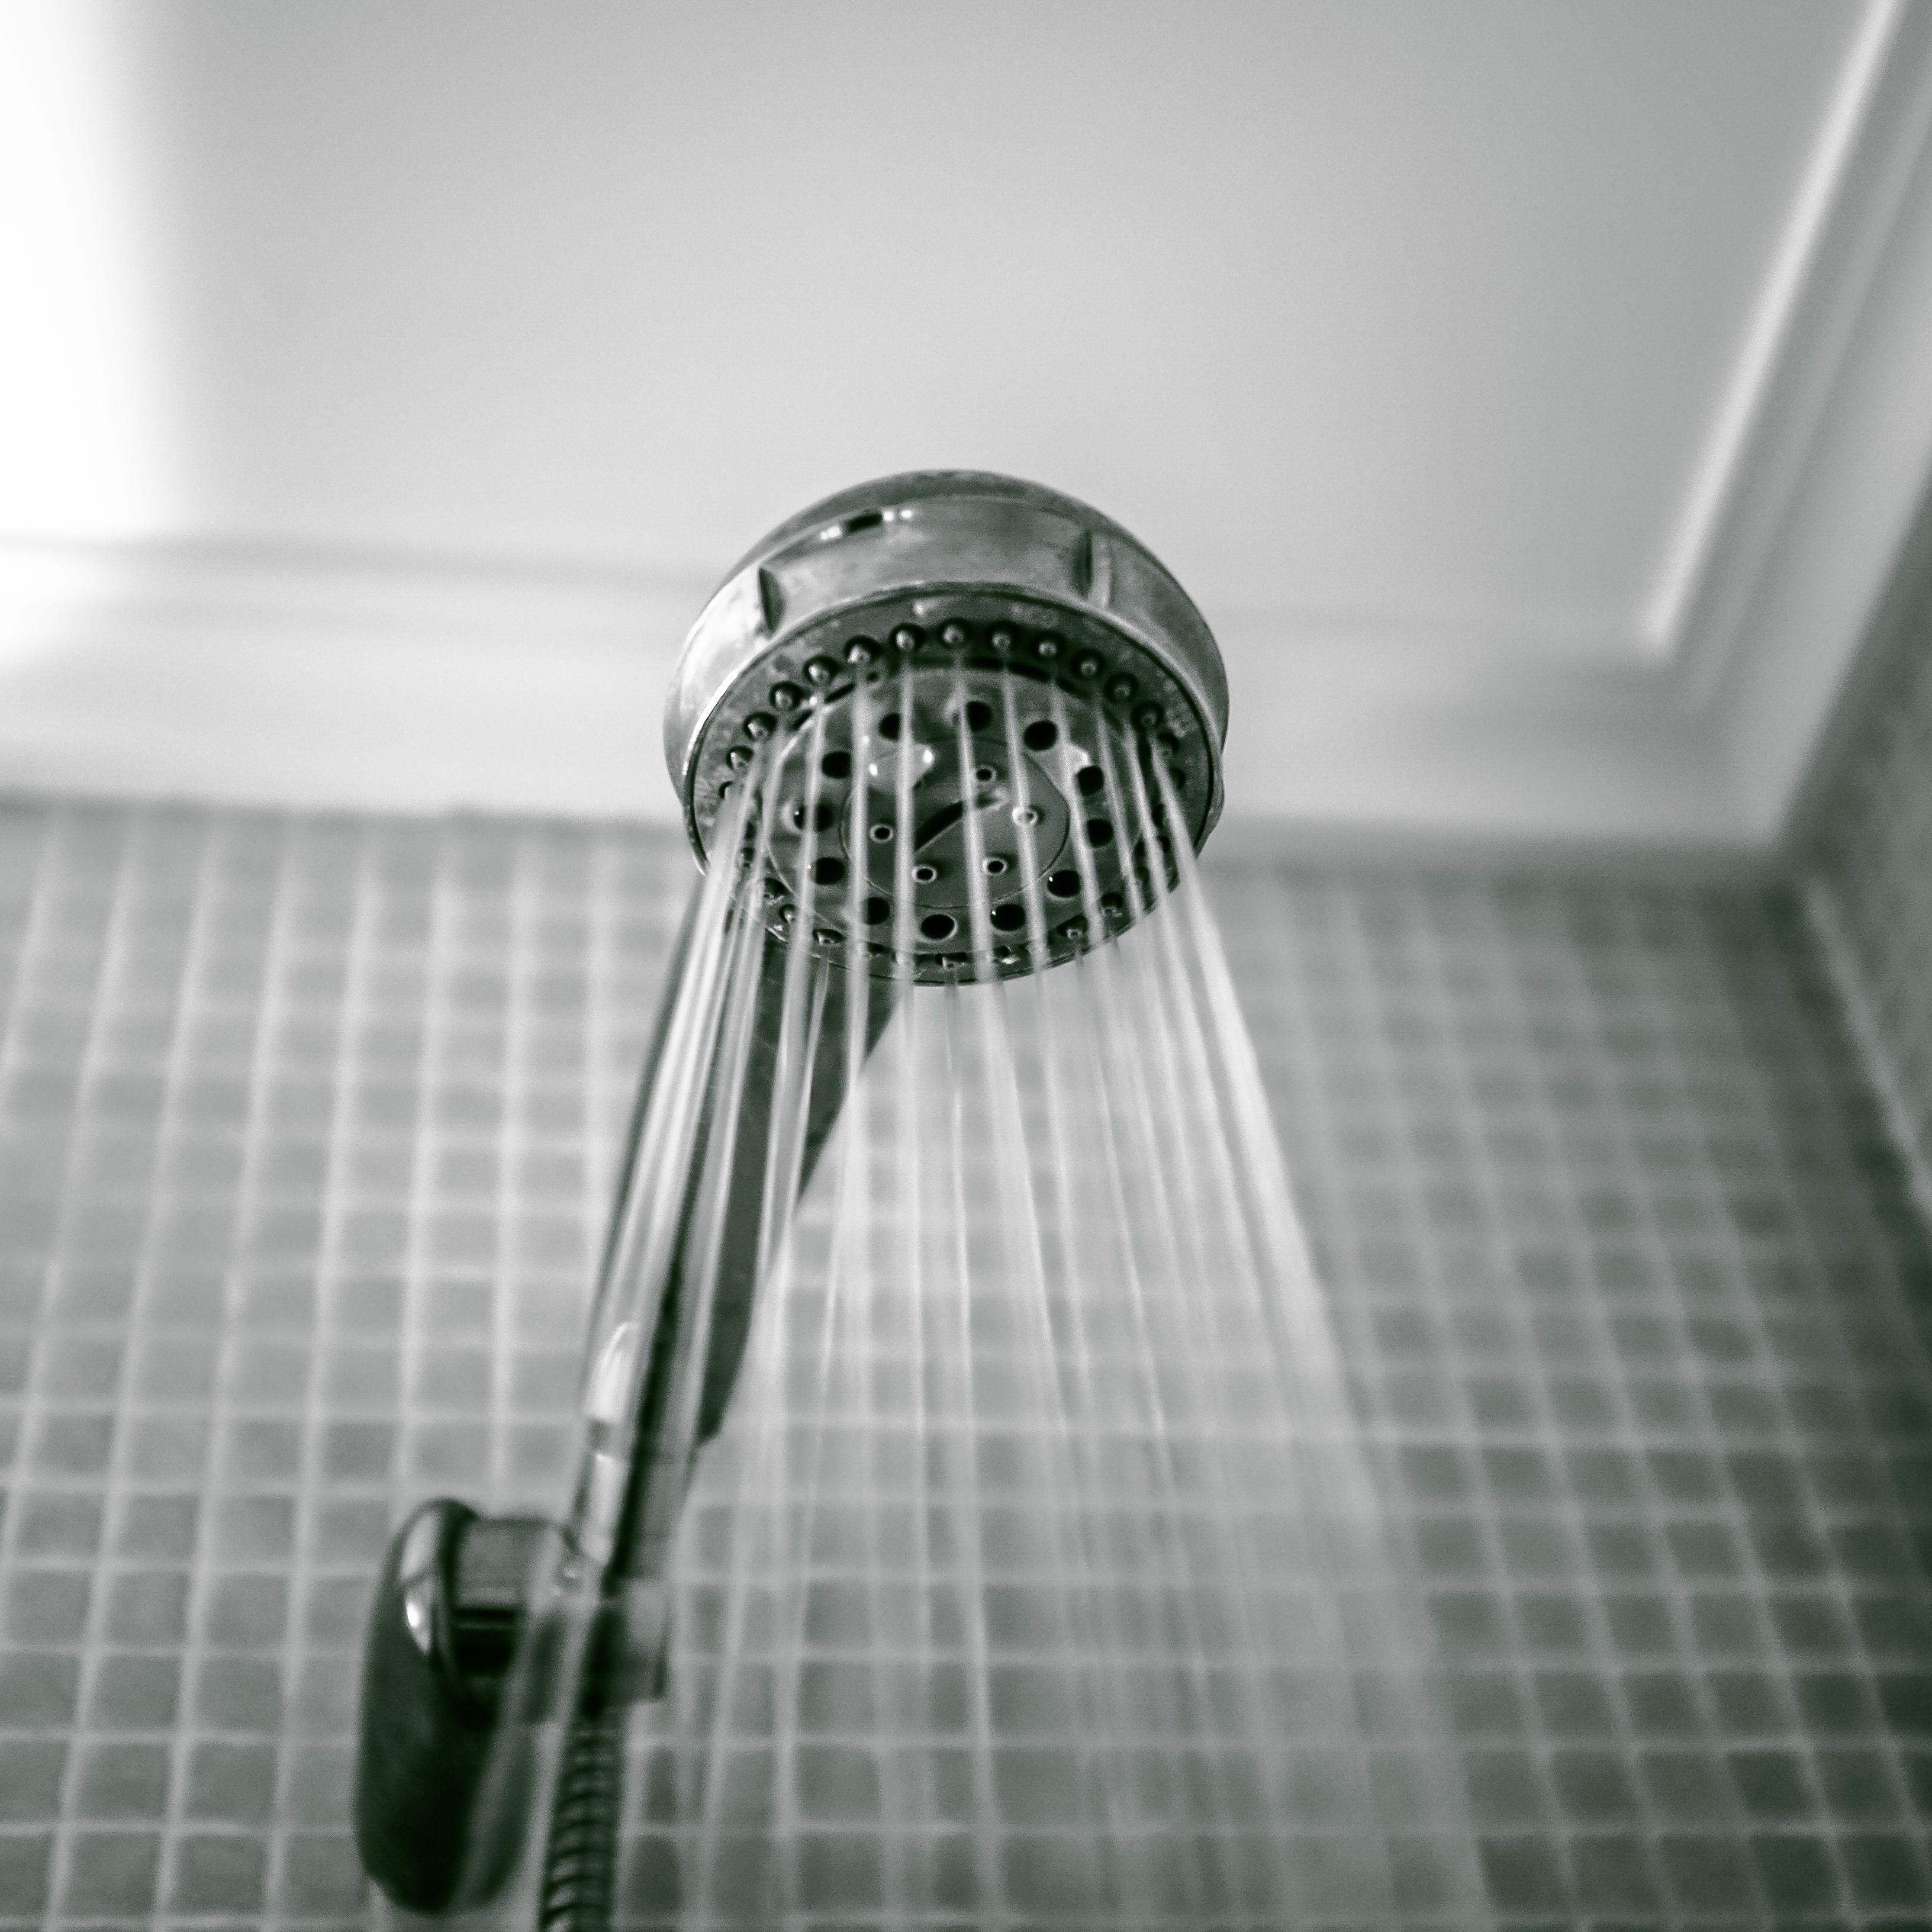 Costs And Benefits Of Water Saving Plumbing Fixtures